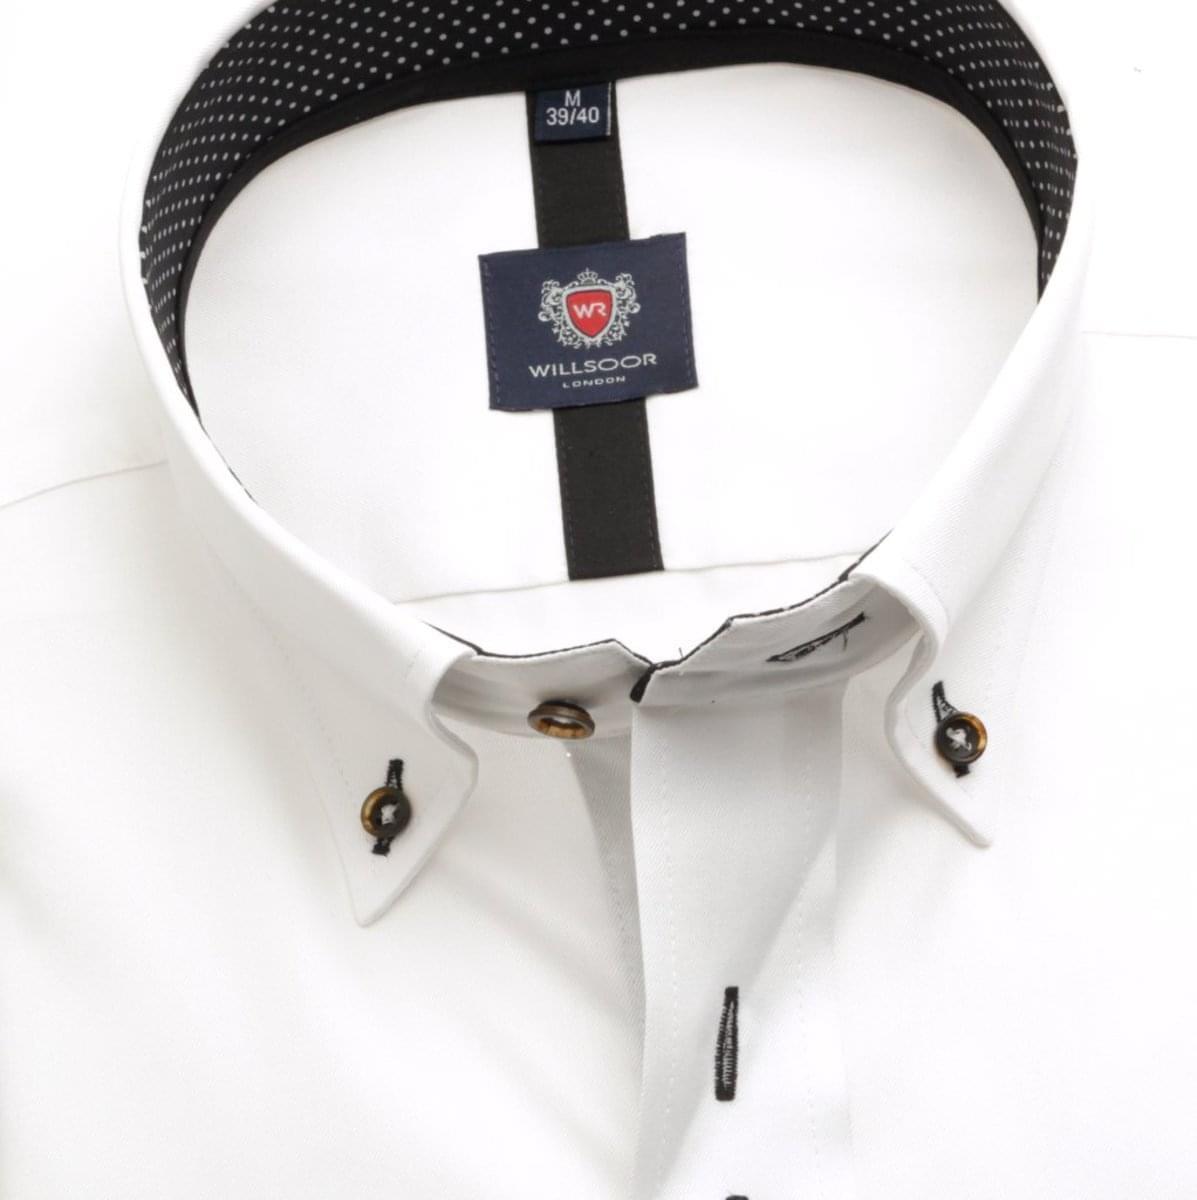 Pánská košile London v bílé barvě (výška 176-182) 5503 176-182 / L (41/42)